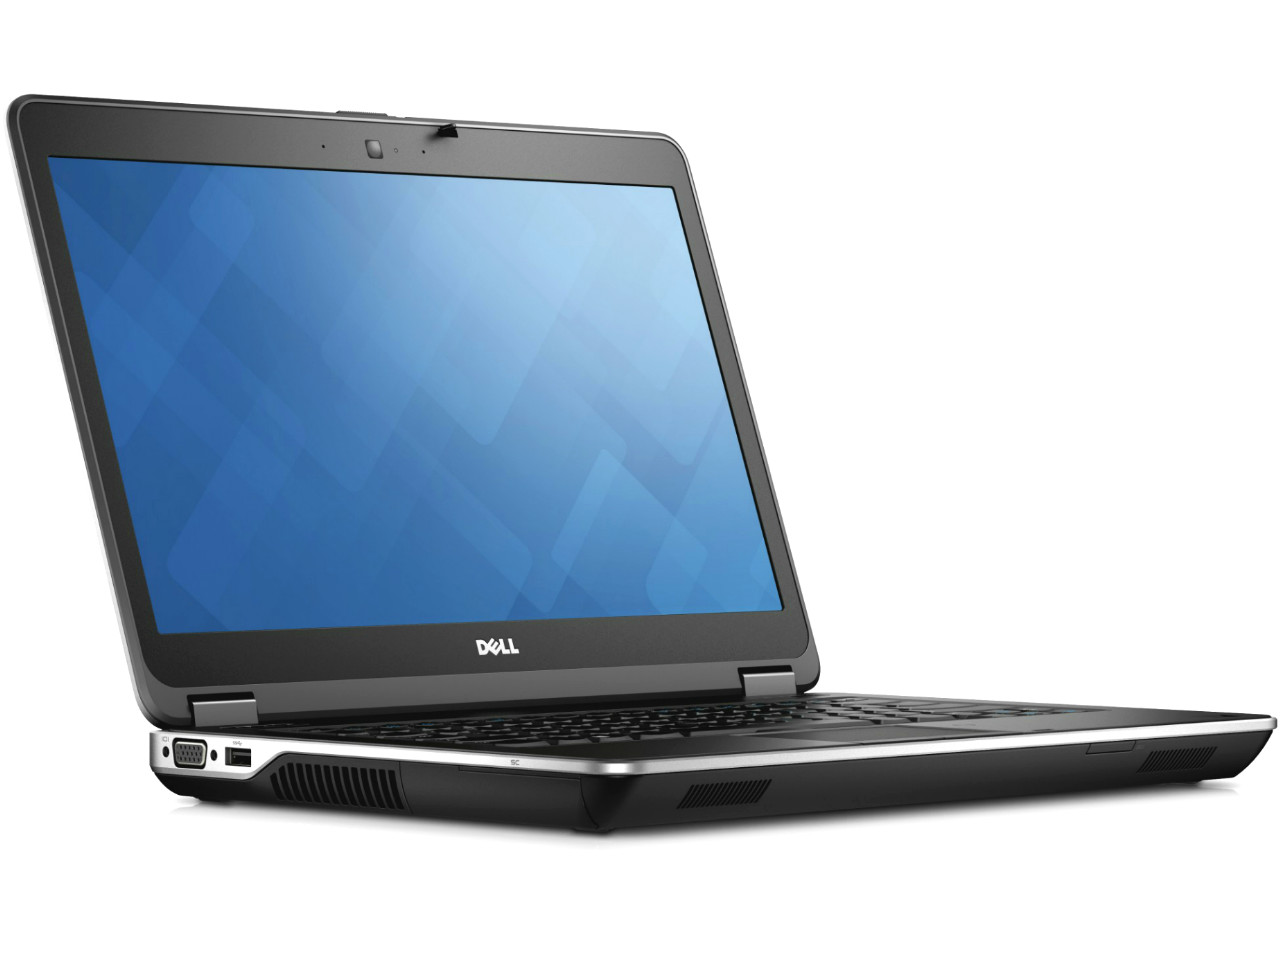 """Laptop 14"""" Dell Latitude E6440 i5-4210M 4GB 320GB DVD-RW *Grade B*"""